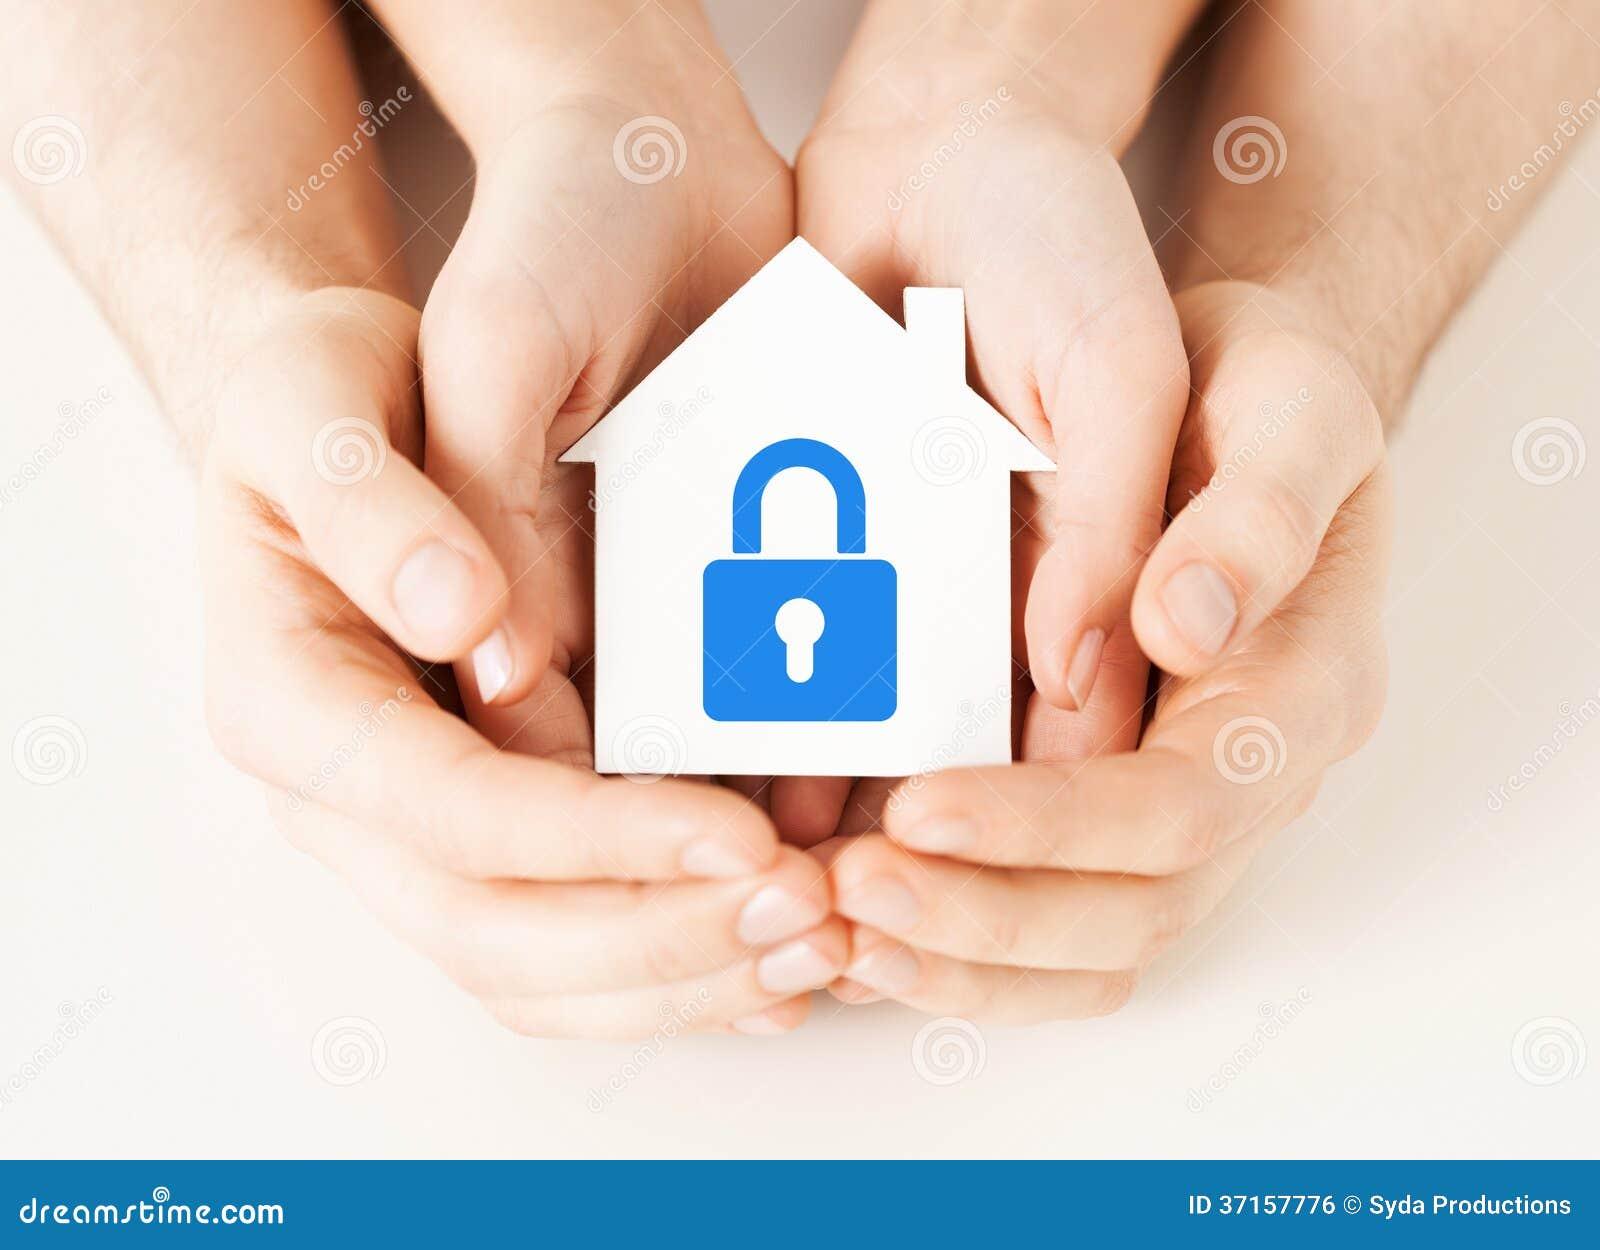 Χέρια που κρατούν το σπίτι εγγράφου με την κλειδαριά